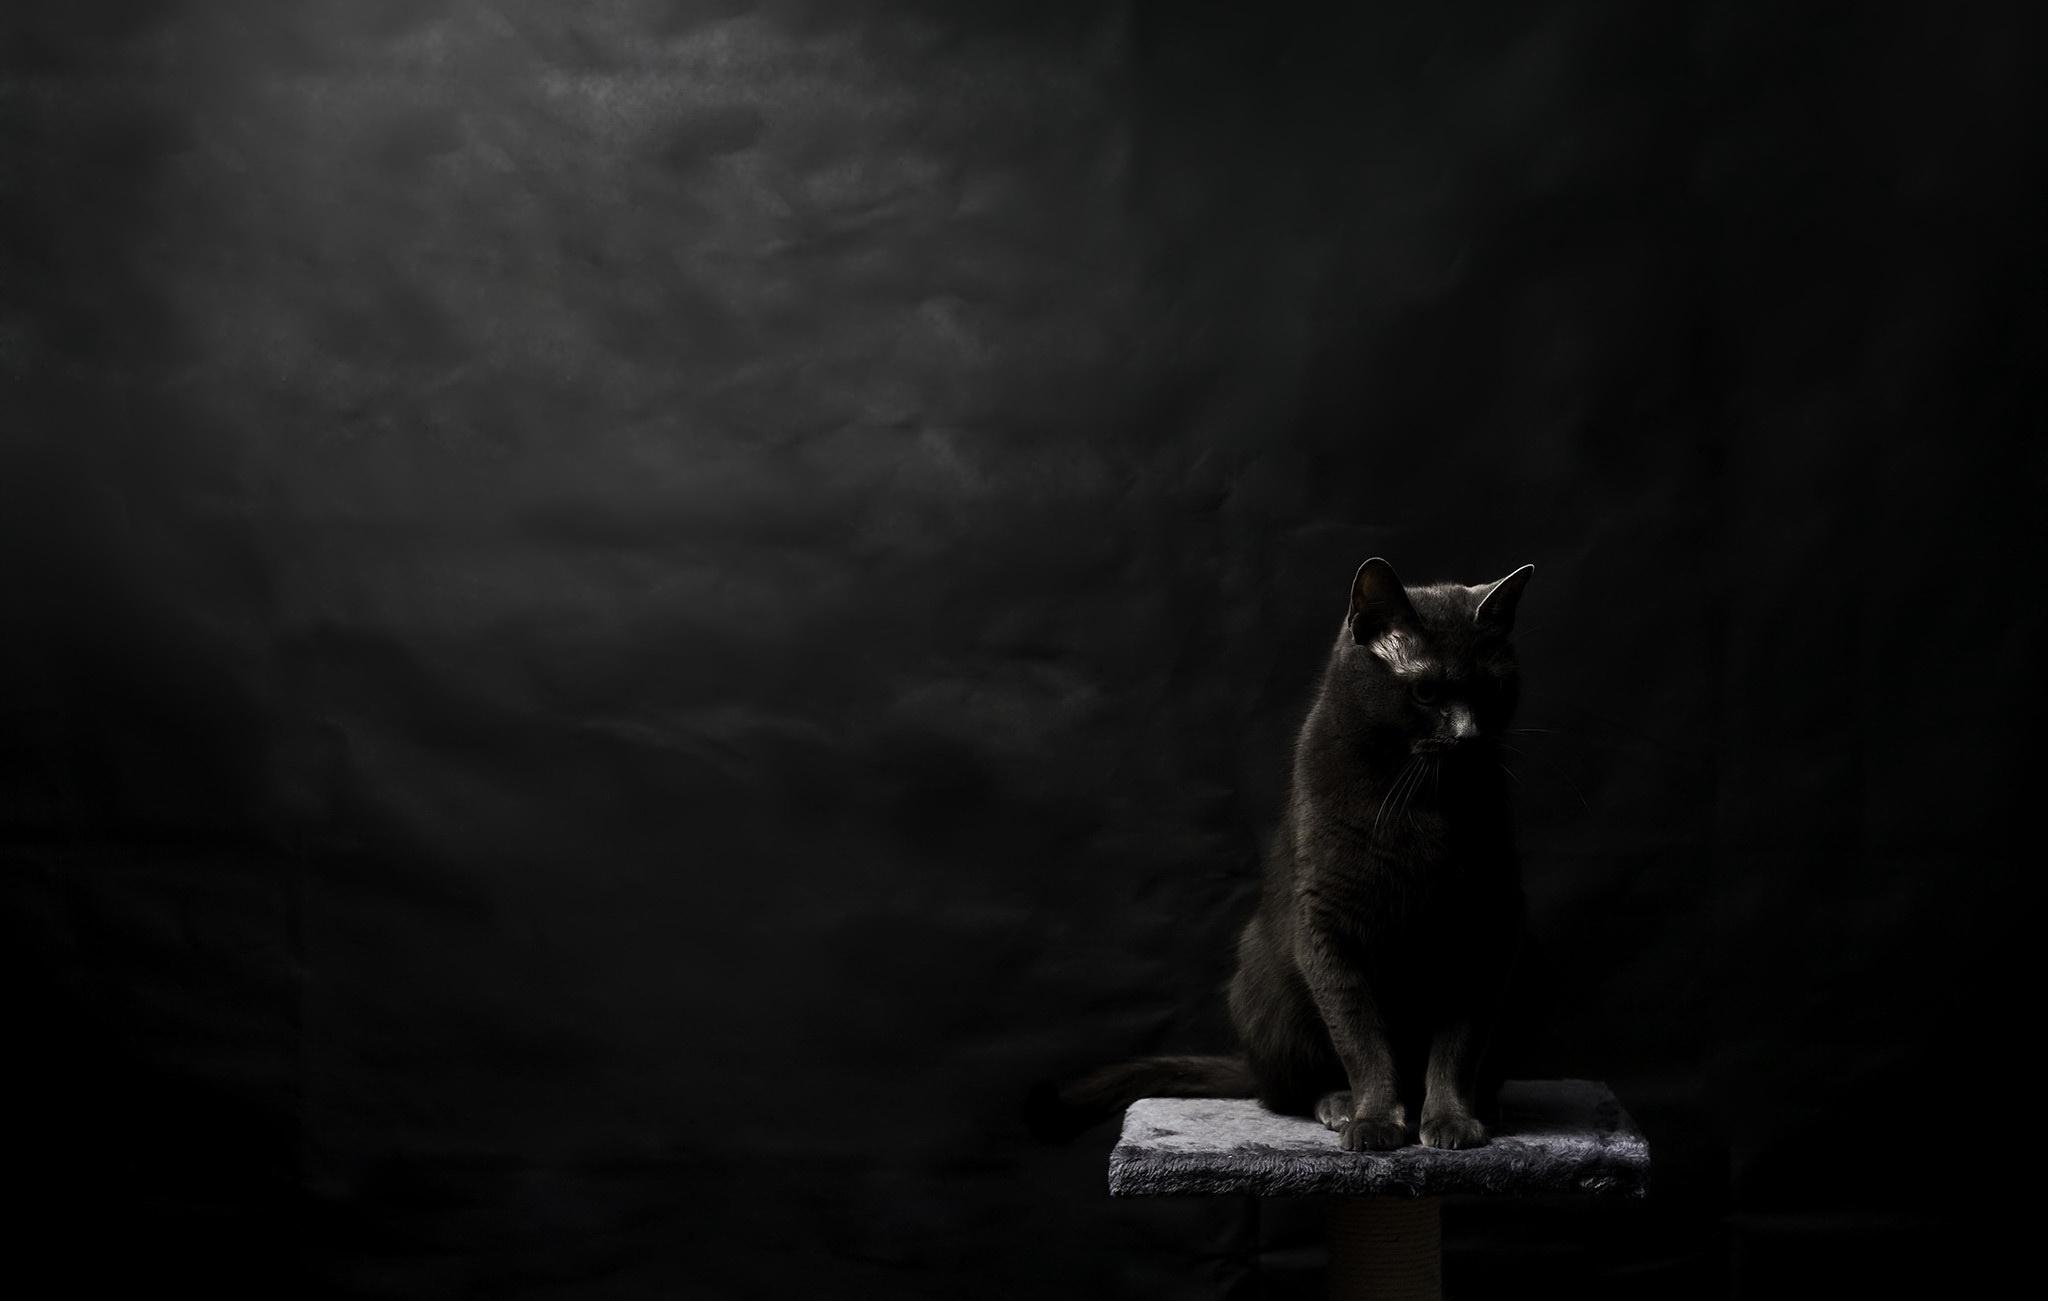 Kot Tapeta Hd Tło 2048x1301 Id850121 Wallpaper Abyss